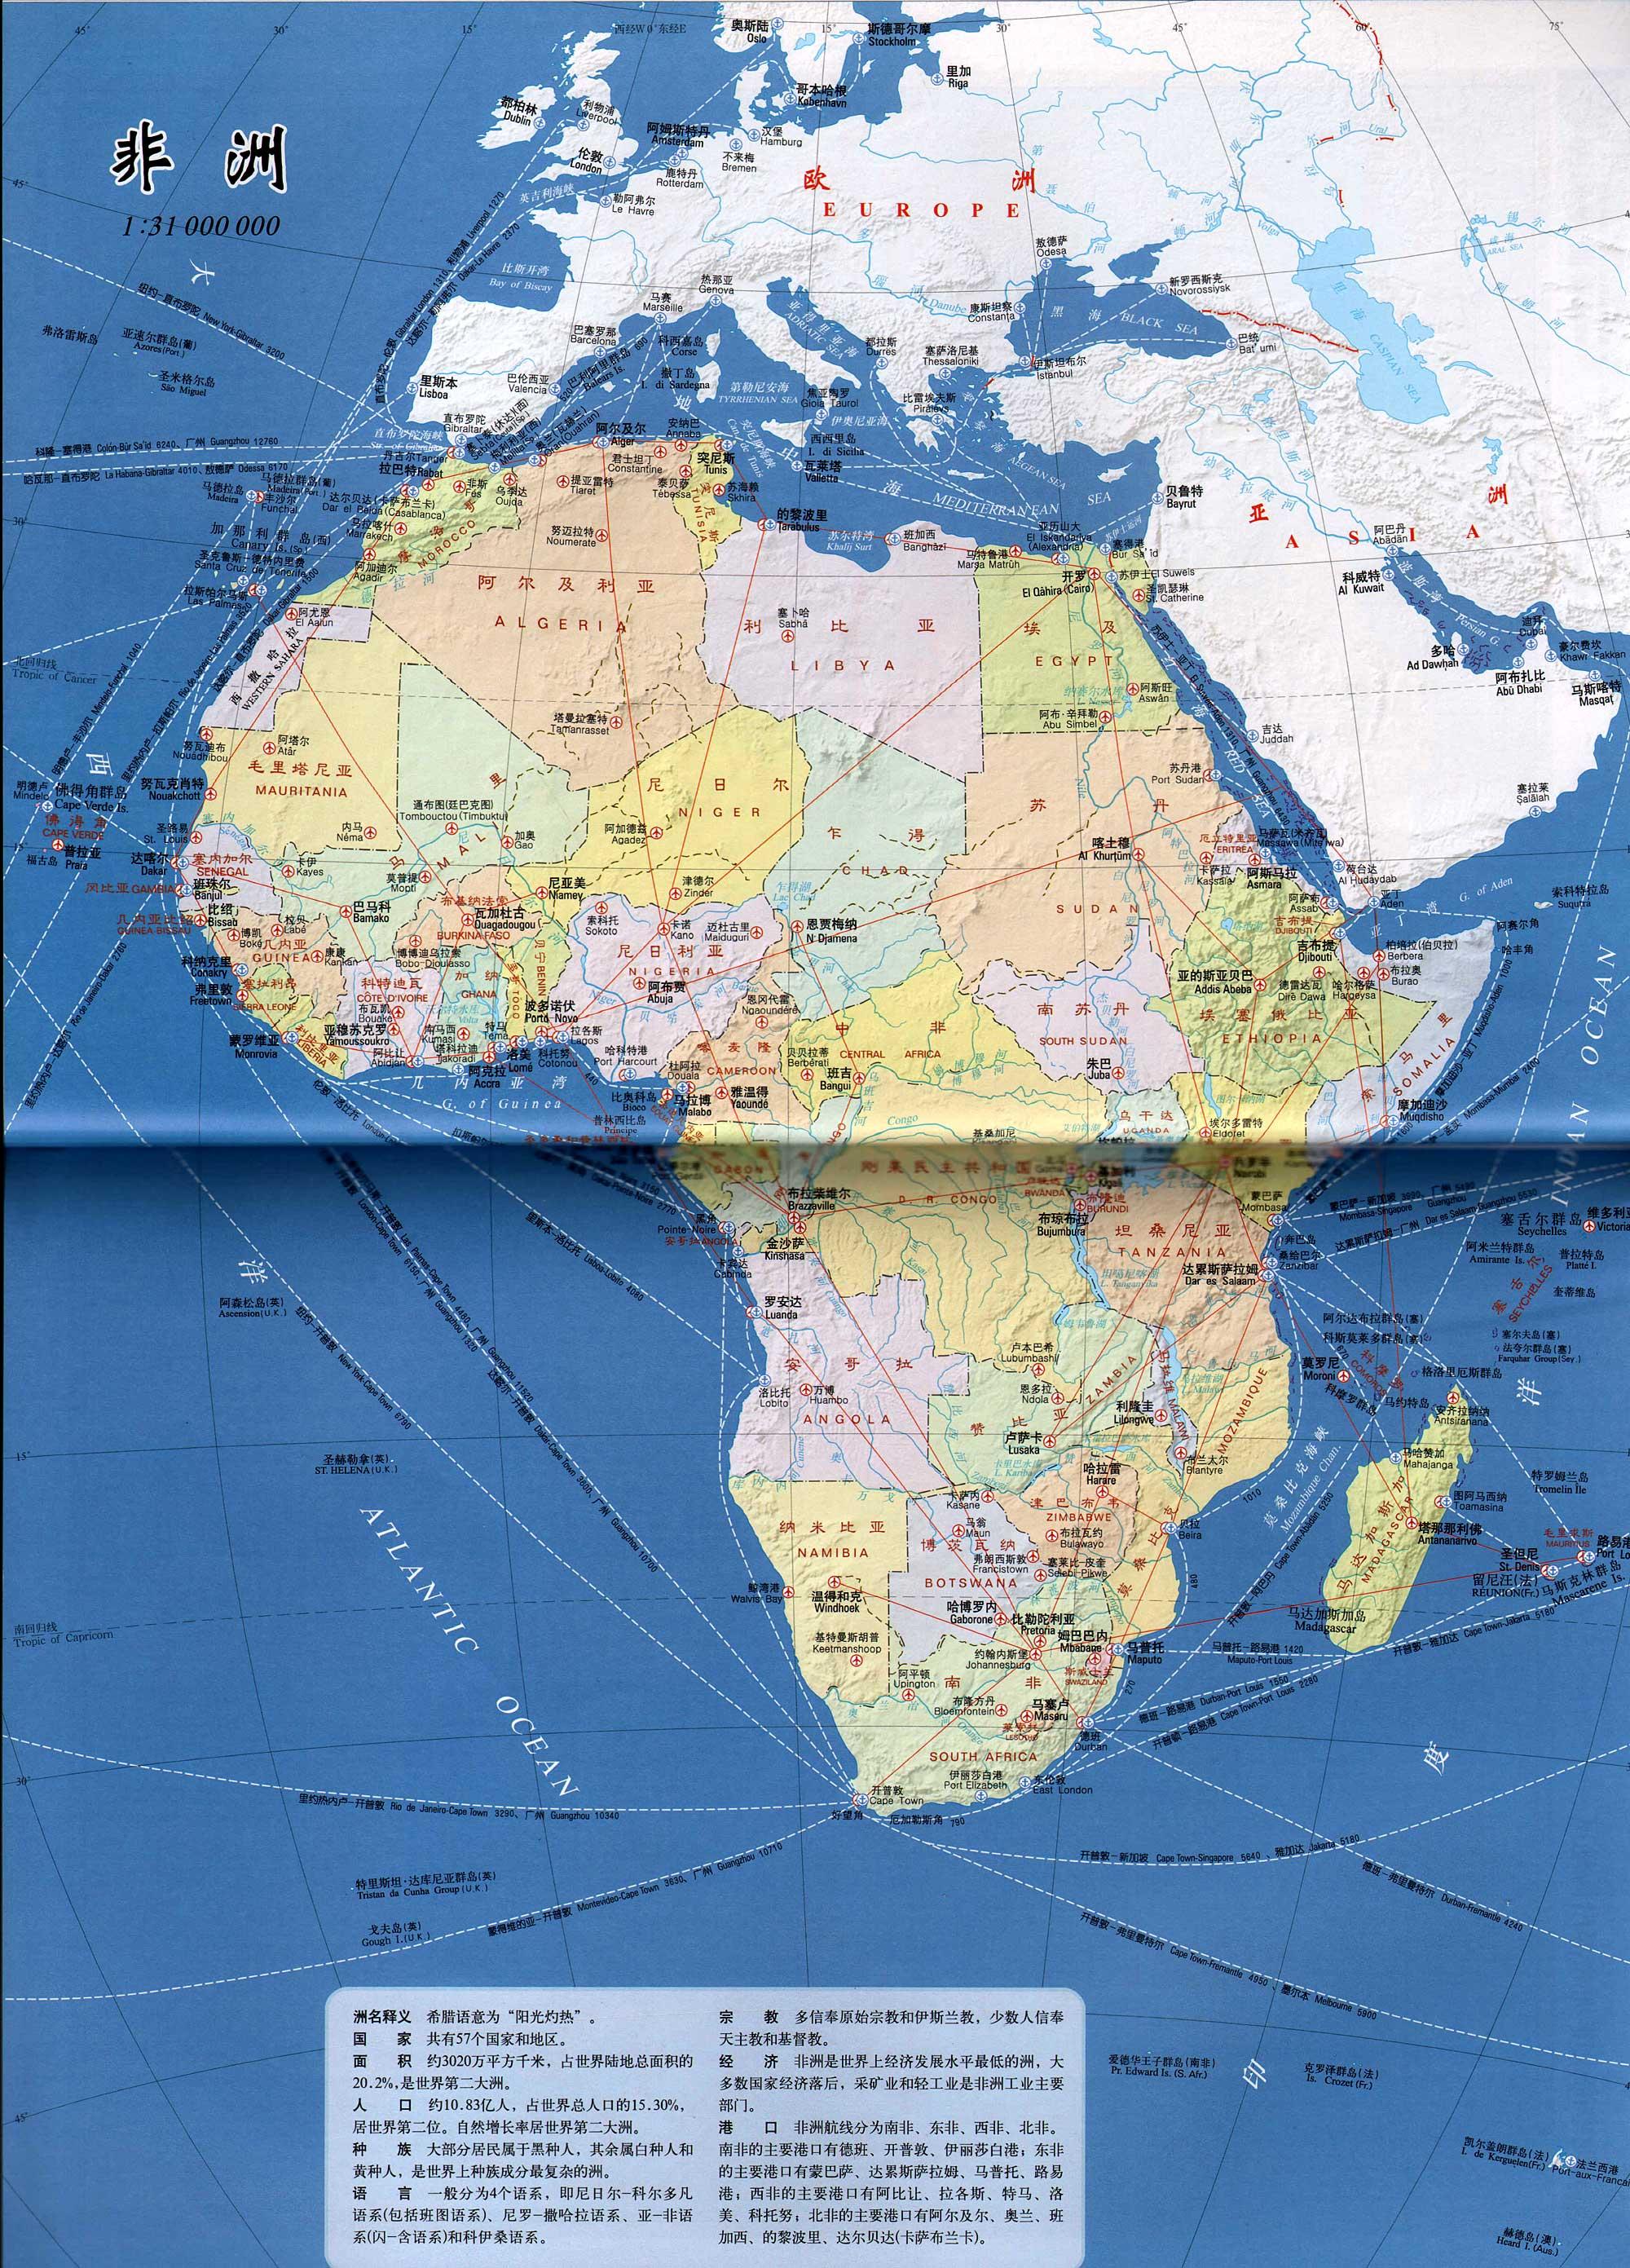 非洲港口分布图_交通地图库